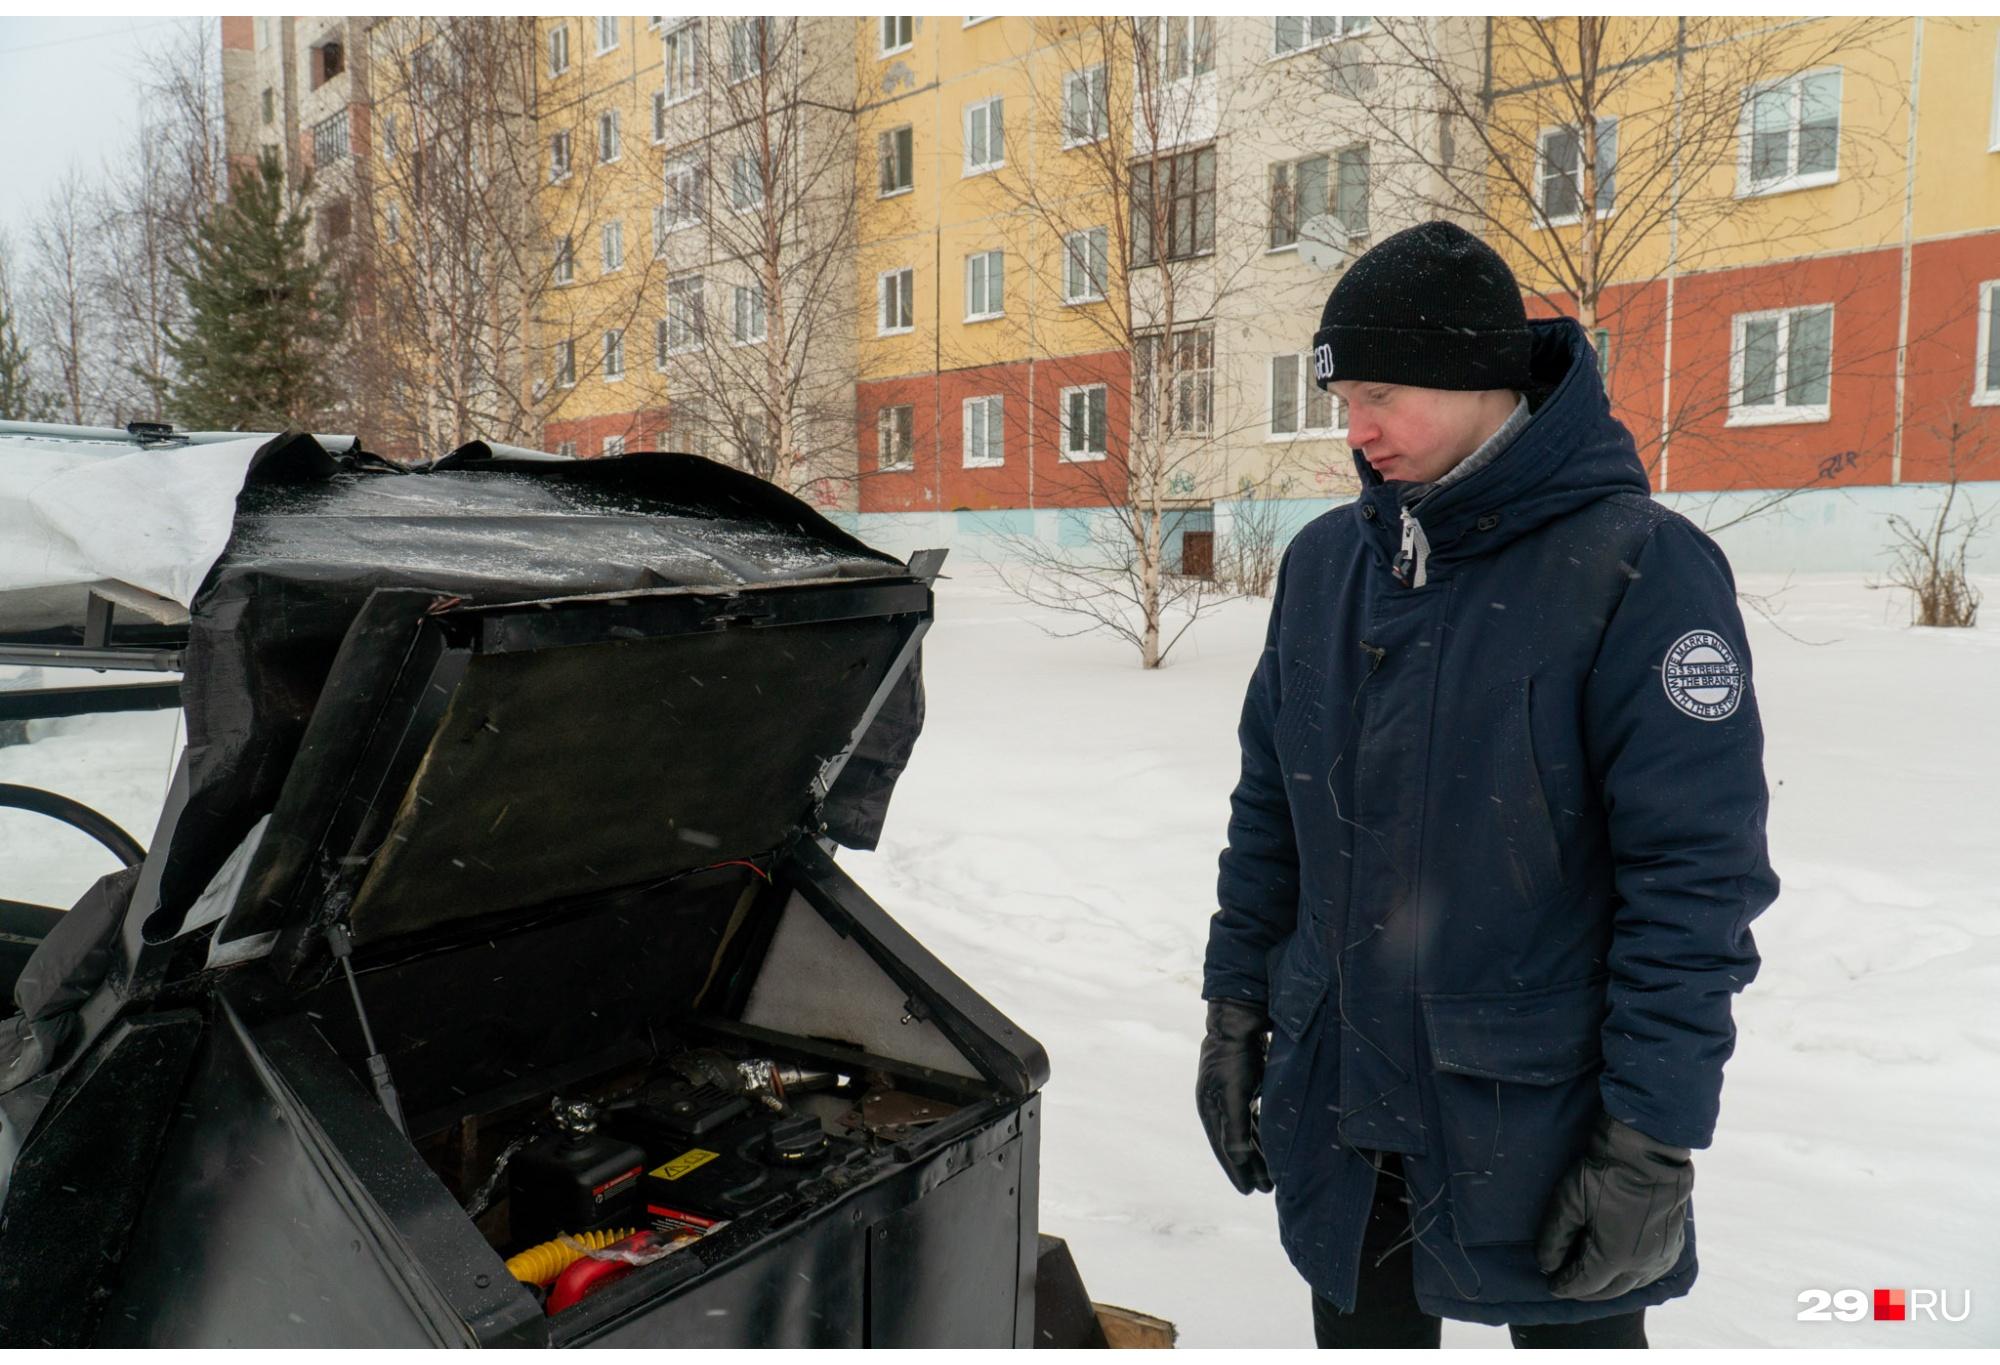 Андрей рассказывает о внутреннем устройстве машины — части для нее собирали и покупали в разных местах: от свалки до объявлений